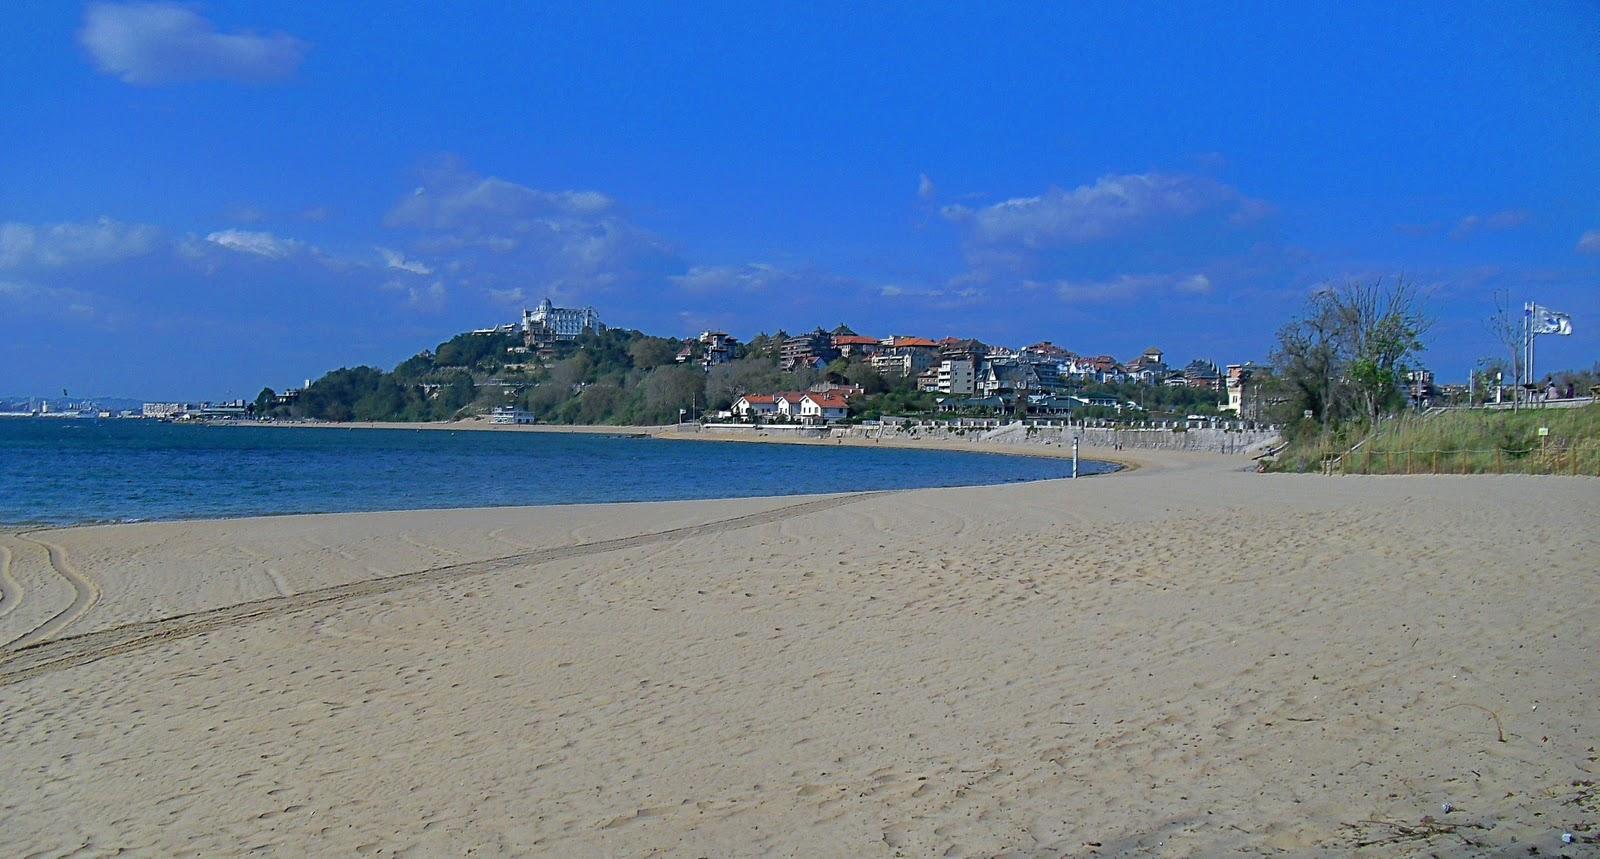 532a99c2a726 playas y paseos por la costa: PLAYAS DE SANTANDER EN LA BAHIA DESDE ...